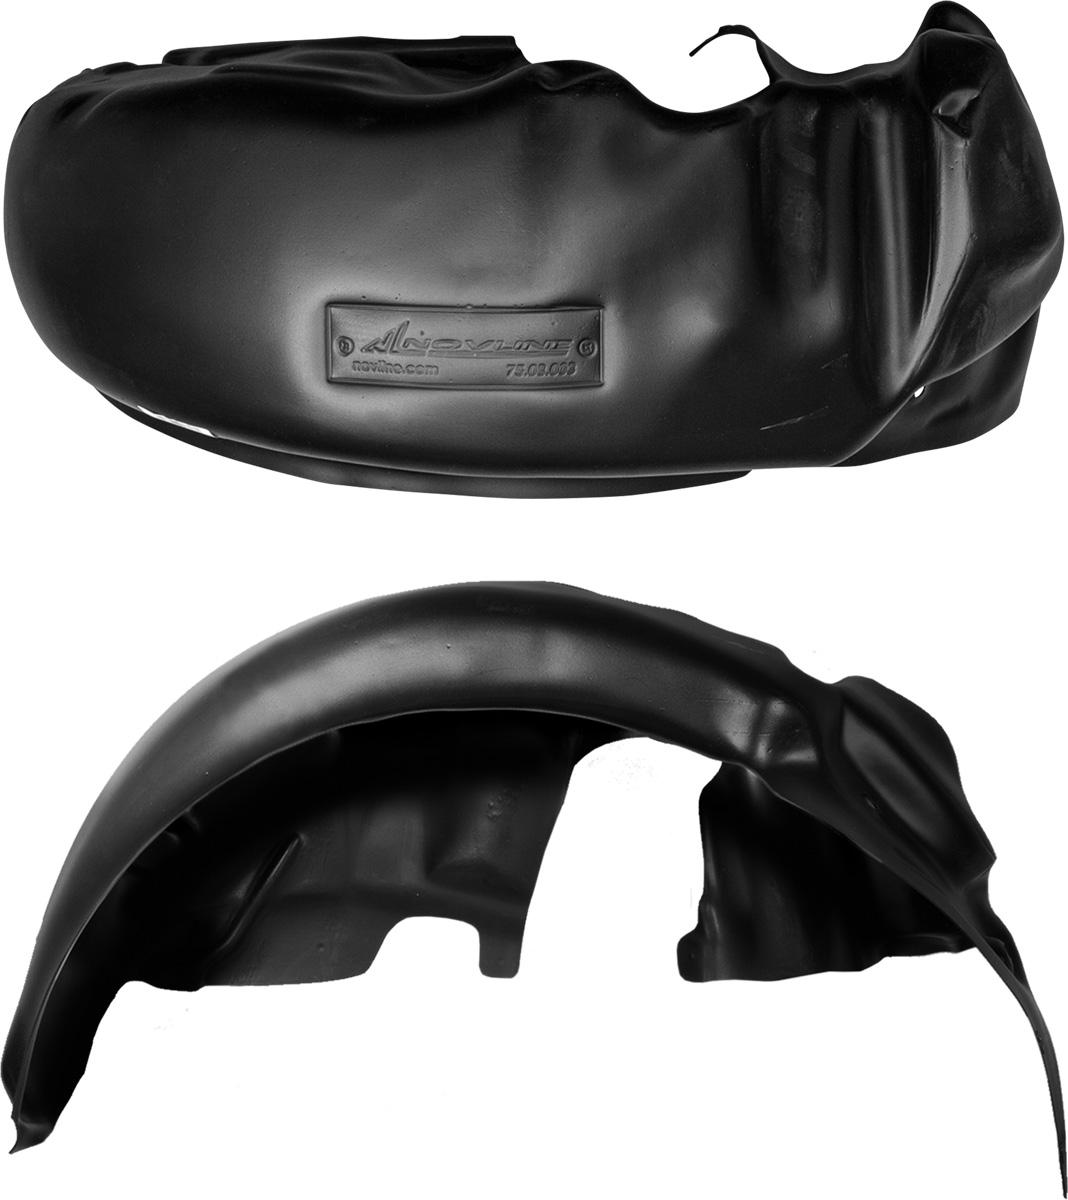 Подкрылок NISSAN Terrano 4x4, 2014->, задний левыйNLL.36.43.003Колесные ниши – одни из самых уязвимых зон днища вашего автомобиля. Они постоянно подвергаются воздействию со стороны дороги. Лучшая, почти абсолютная защита для них - специально отформованные пластиковые кожухи, которые называются подкрылками, или локерами. Производятся они как для отечественных моделей автомобилей, так и для иномарок. Подкрылки выполнены из высококачественного, экологически чистого пластика. Обеспечивают надежную защиту кузова автомобиля от пескоструйного эффекта и негативного влияния, агрессивных антигололедных реагентов. Пластик обладает более низкой теплопроводностью, чем металл, поэтому в зимний период эксплуатации использование пластиковых подкрылков позволяет лучше защитить колесные ниши от налипания снега и образования наледи. Оригинальность конструкции подчеркивает элегантность автомобиля, бережно защищает нанесенное на днище кузова антикоррозийное покрытие и позволяет осуществить крепление подкрылков внутри колесной арки практически без дополнительного...